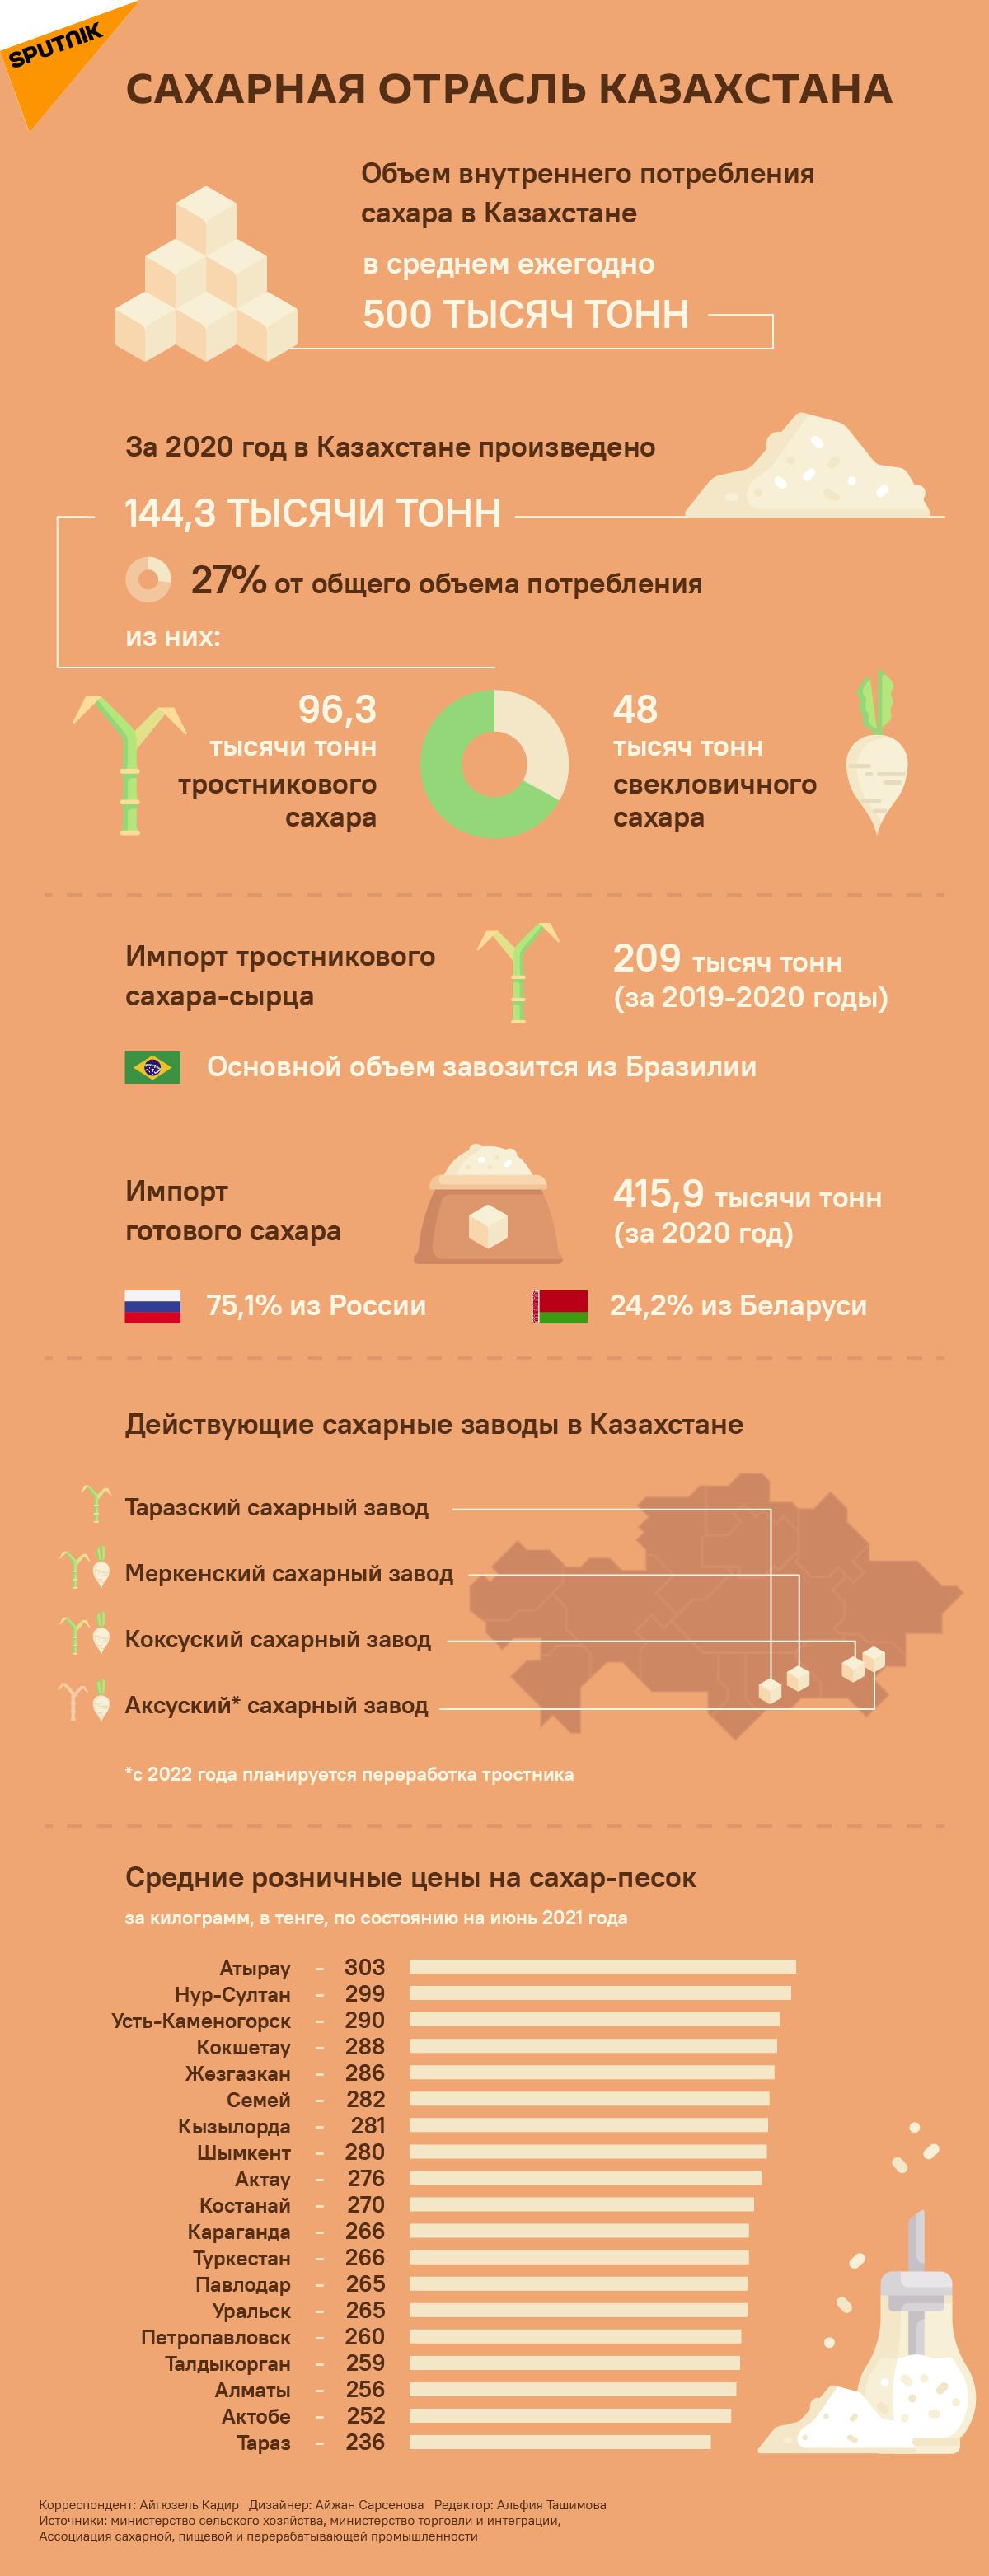 Сахар в Казахстане - инфографика